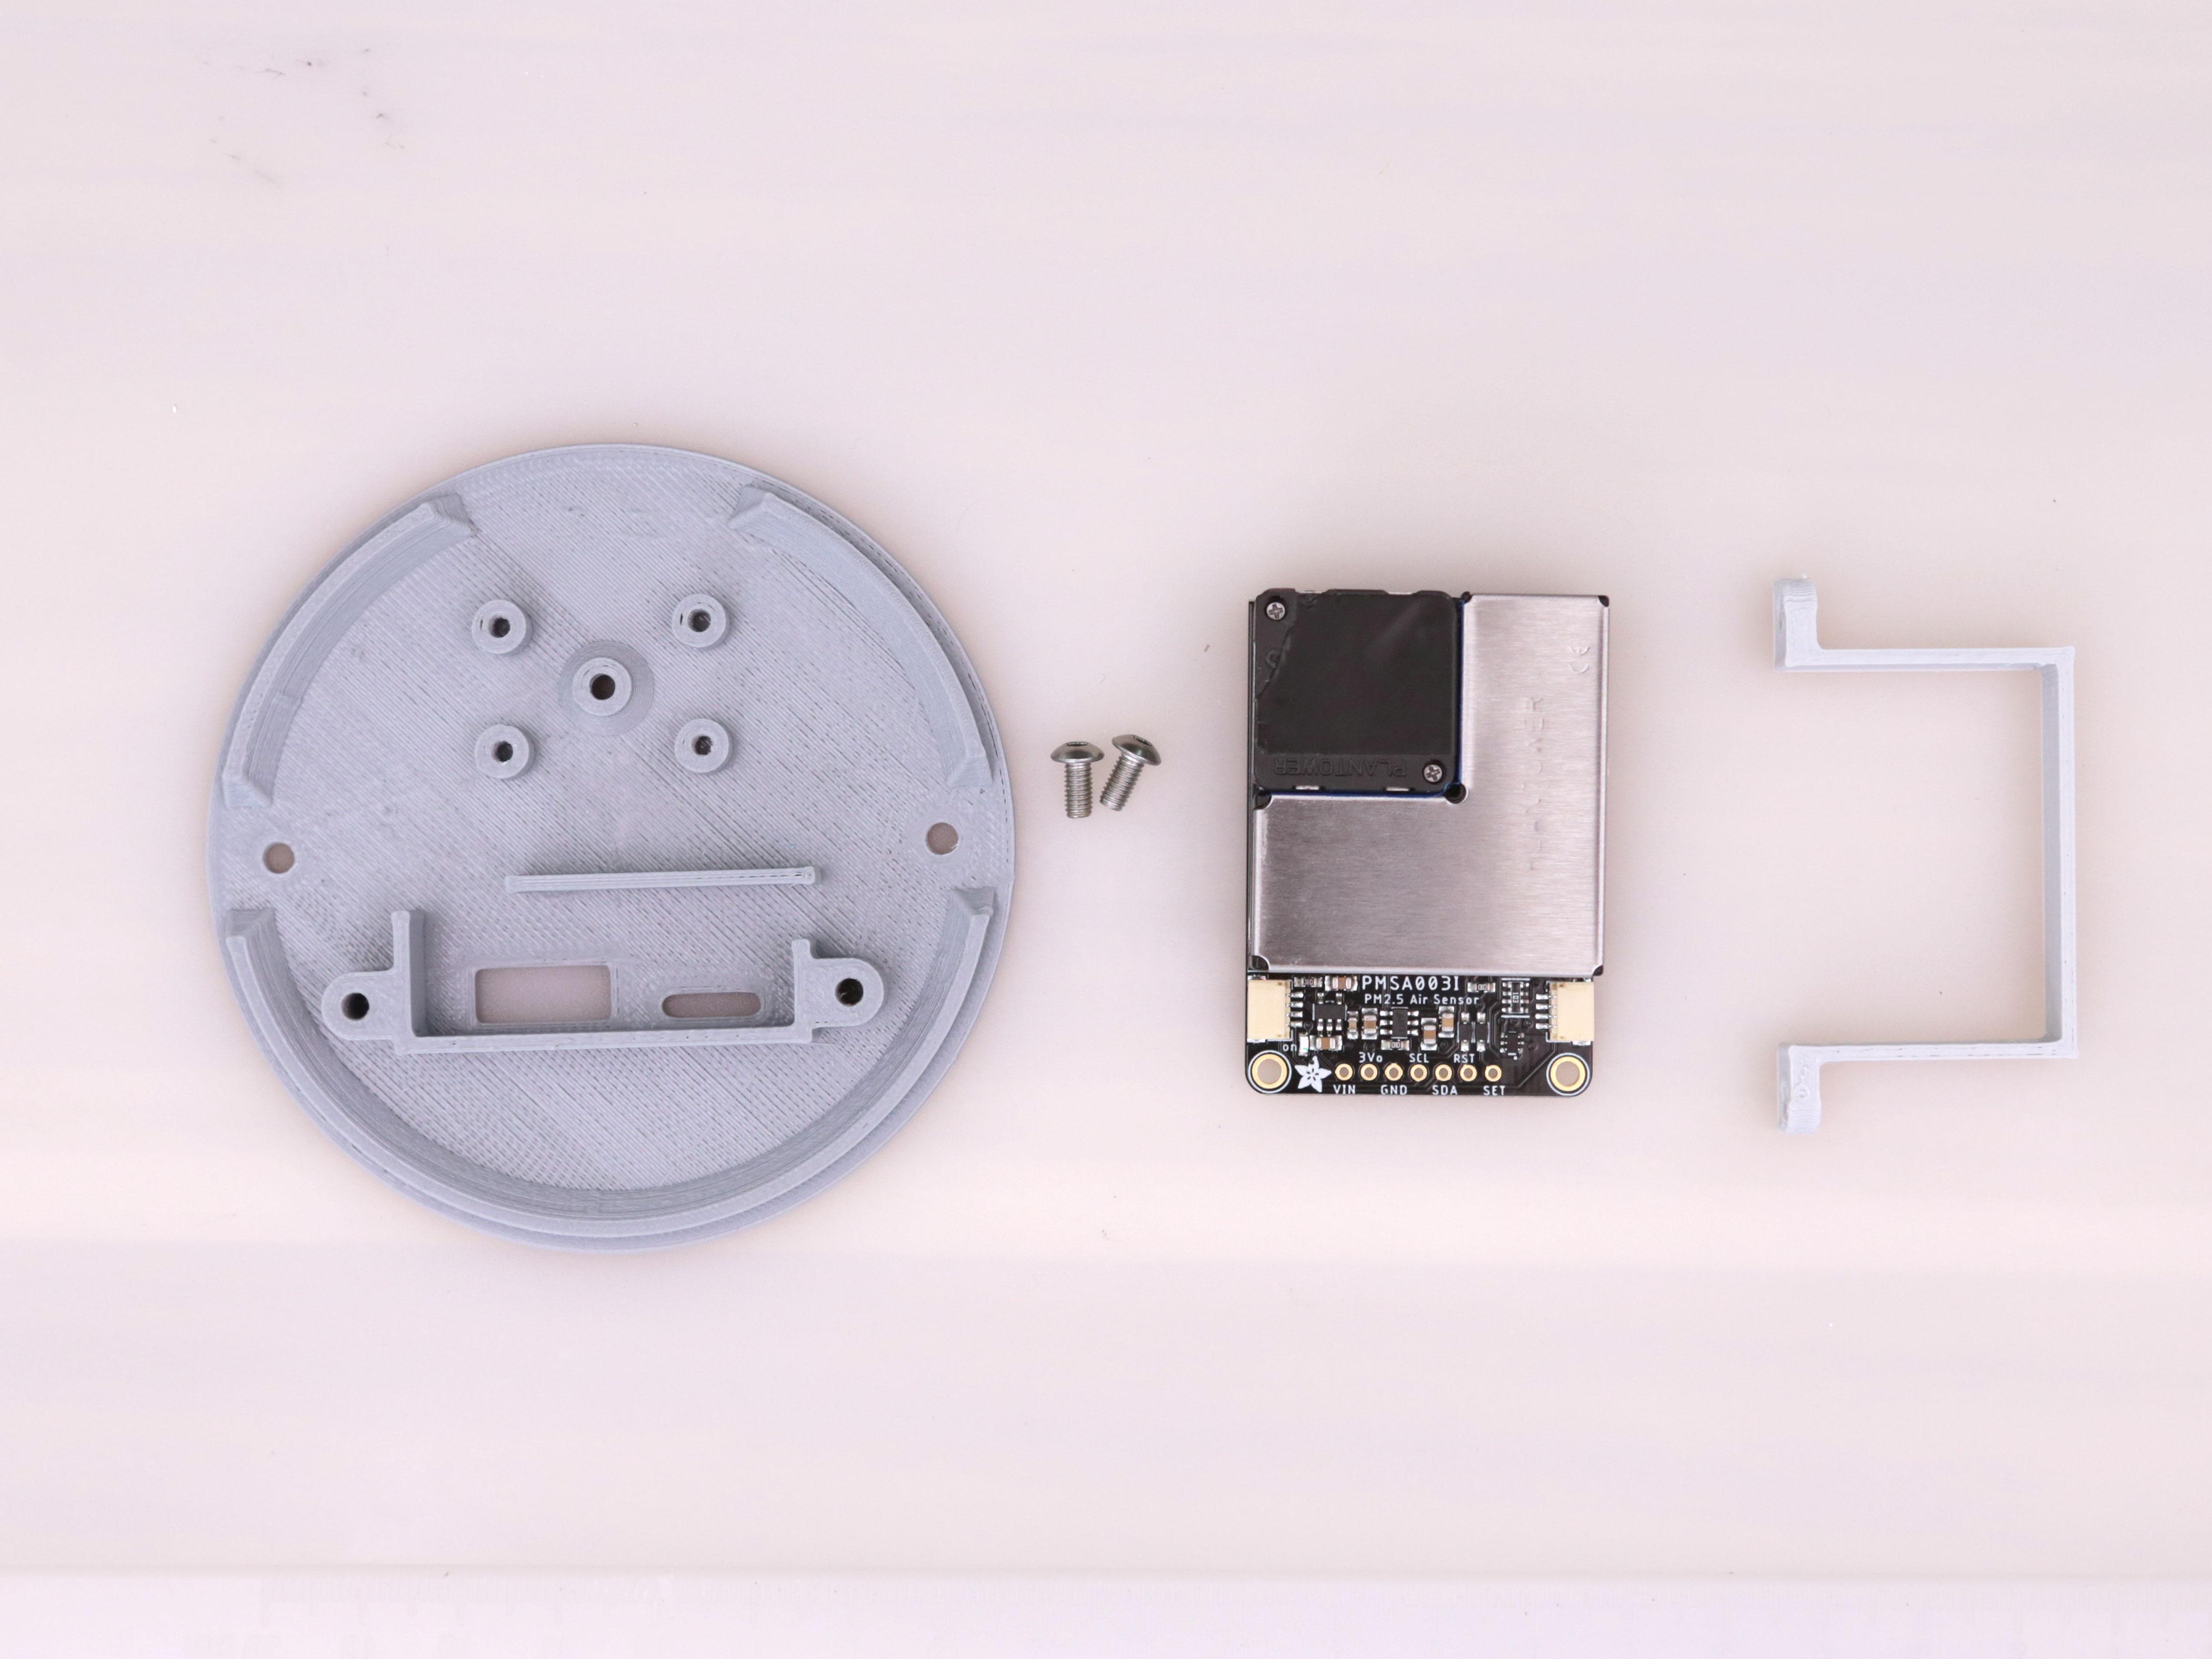 sensors_pmsa003i-mount.jpg